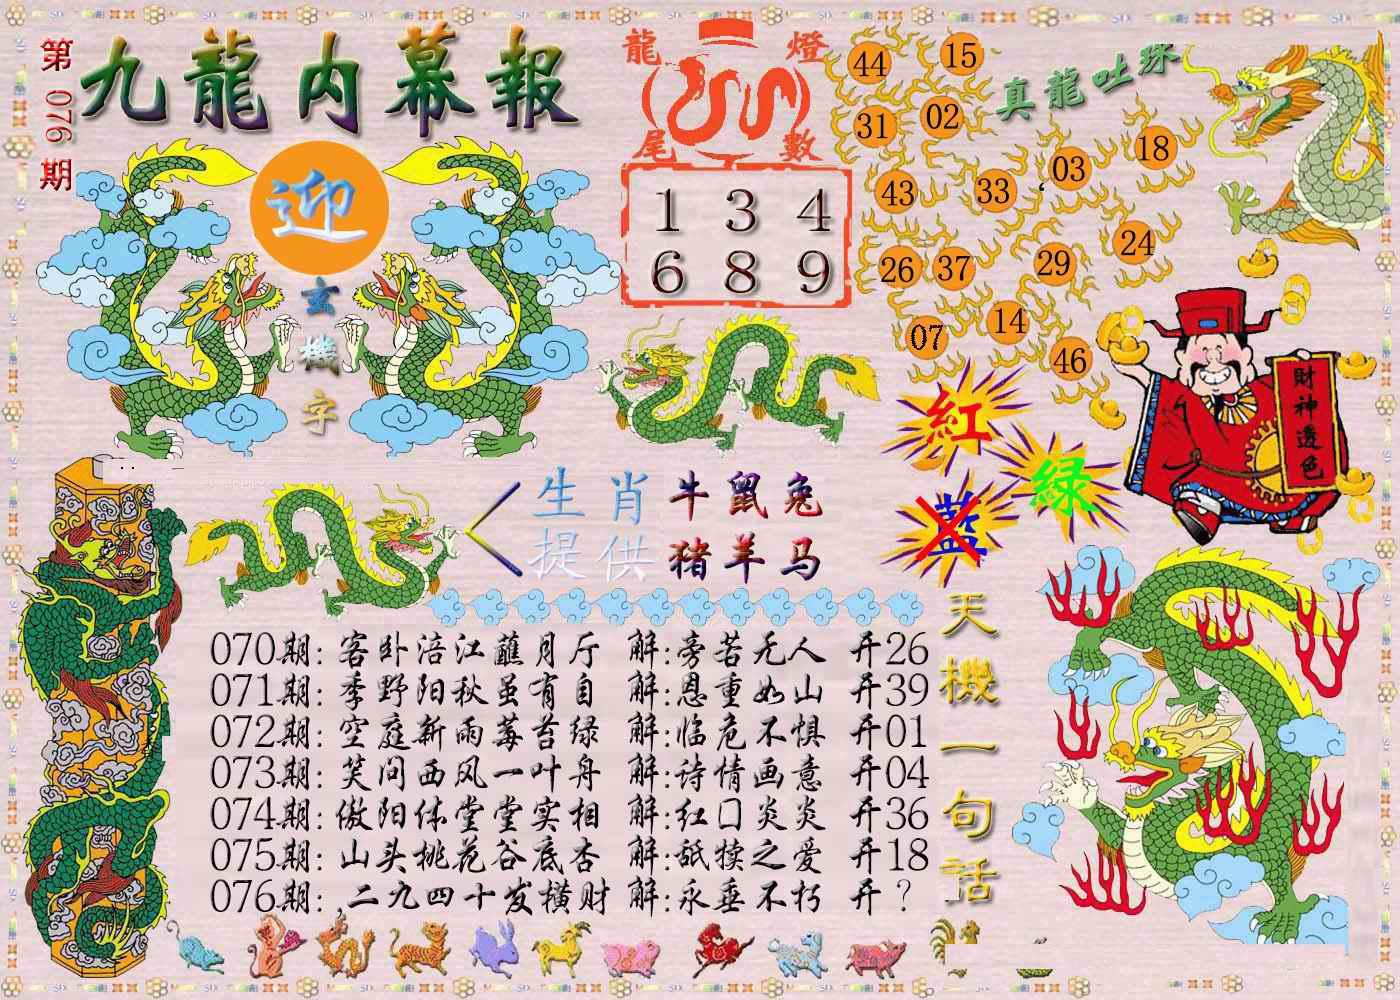 076期九龙内幕报